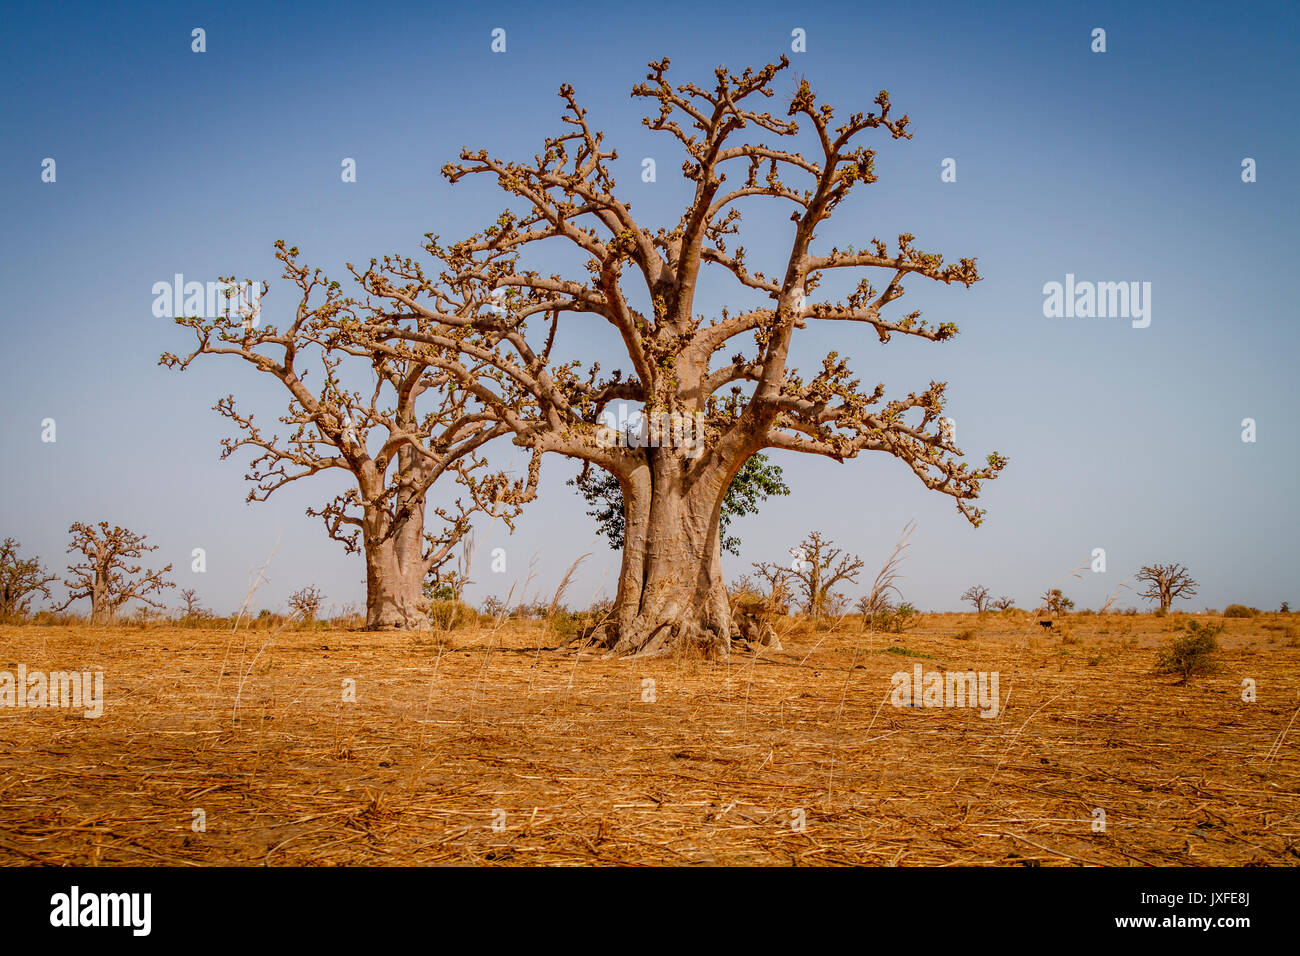 Enormes árboles de baobab en la savanah áridos secos del suroeste de Senegal. Imagen De Stock